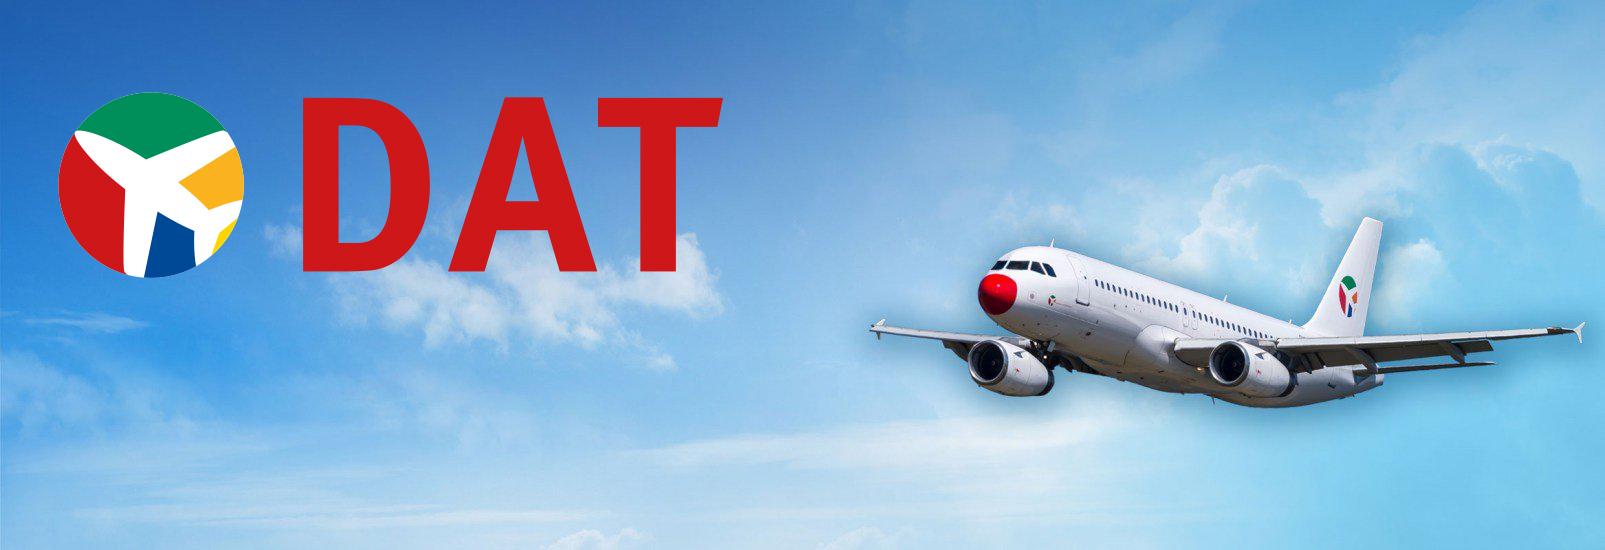 fly-med-logo.jpg